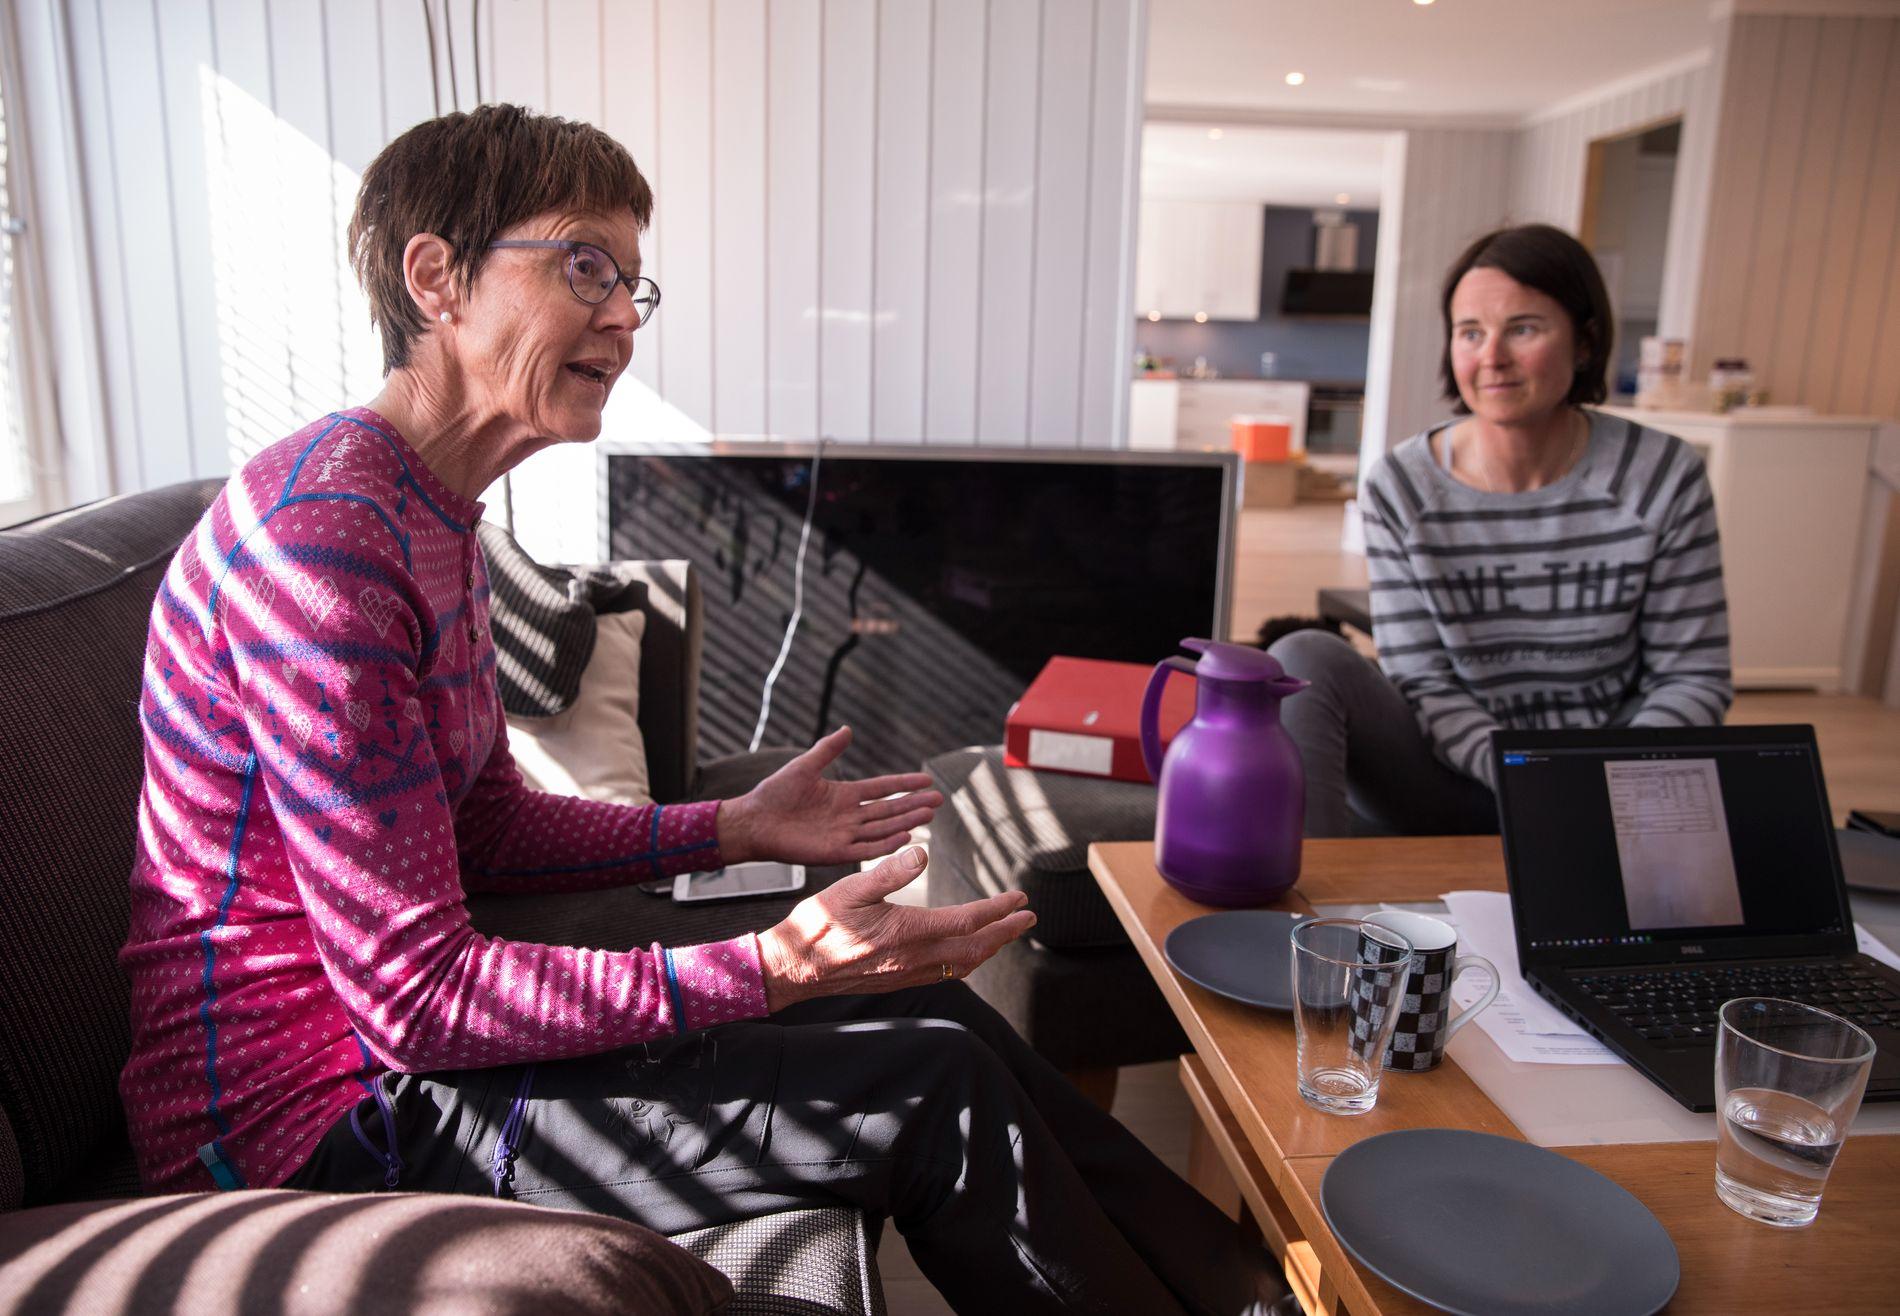 VANSKELIG TID: Beret Høva Sporsheim mistet mannen til den dødelige diagnosen ALS. Her sitter hun sammen med datteren Åshild (til høyre).